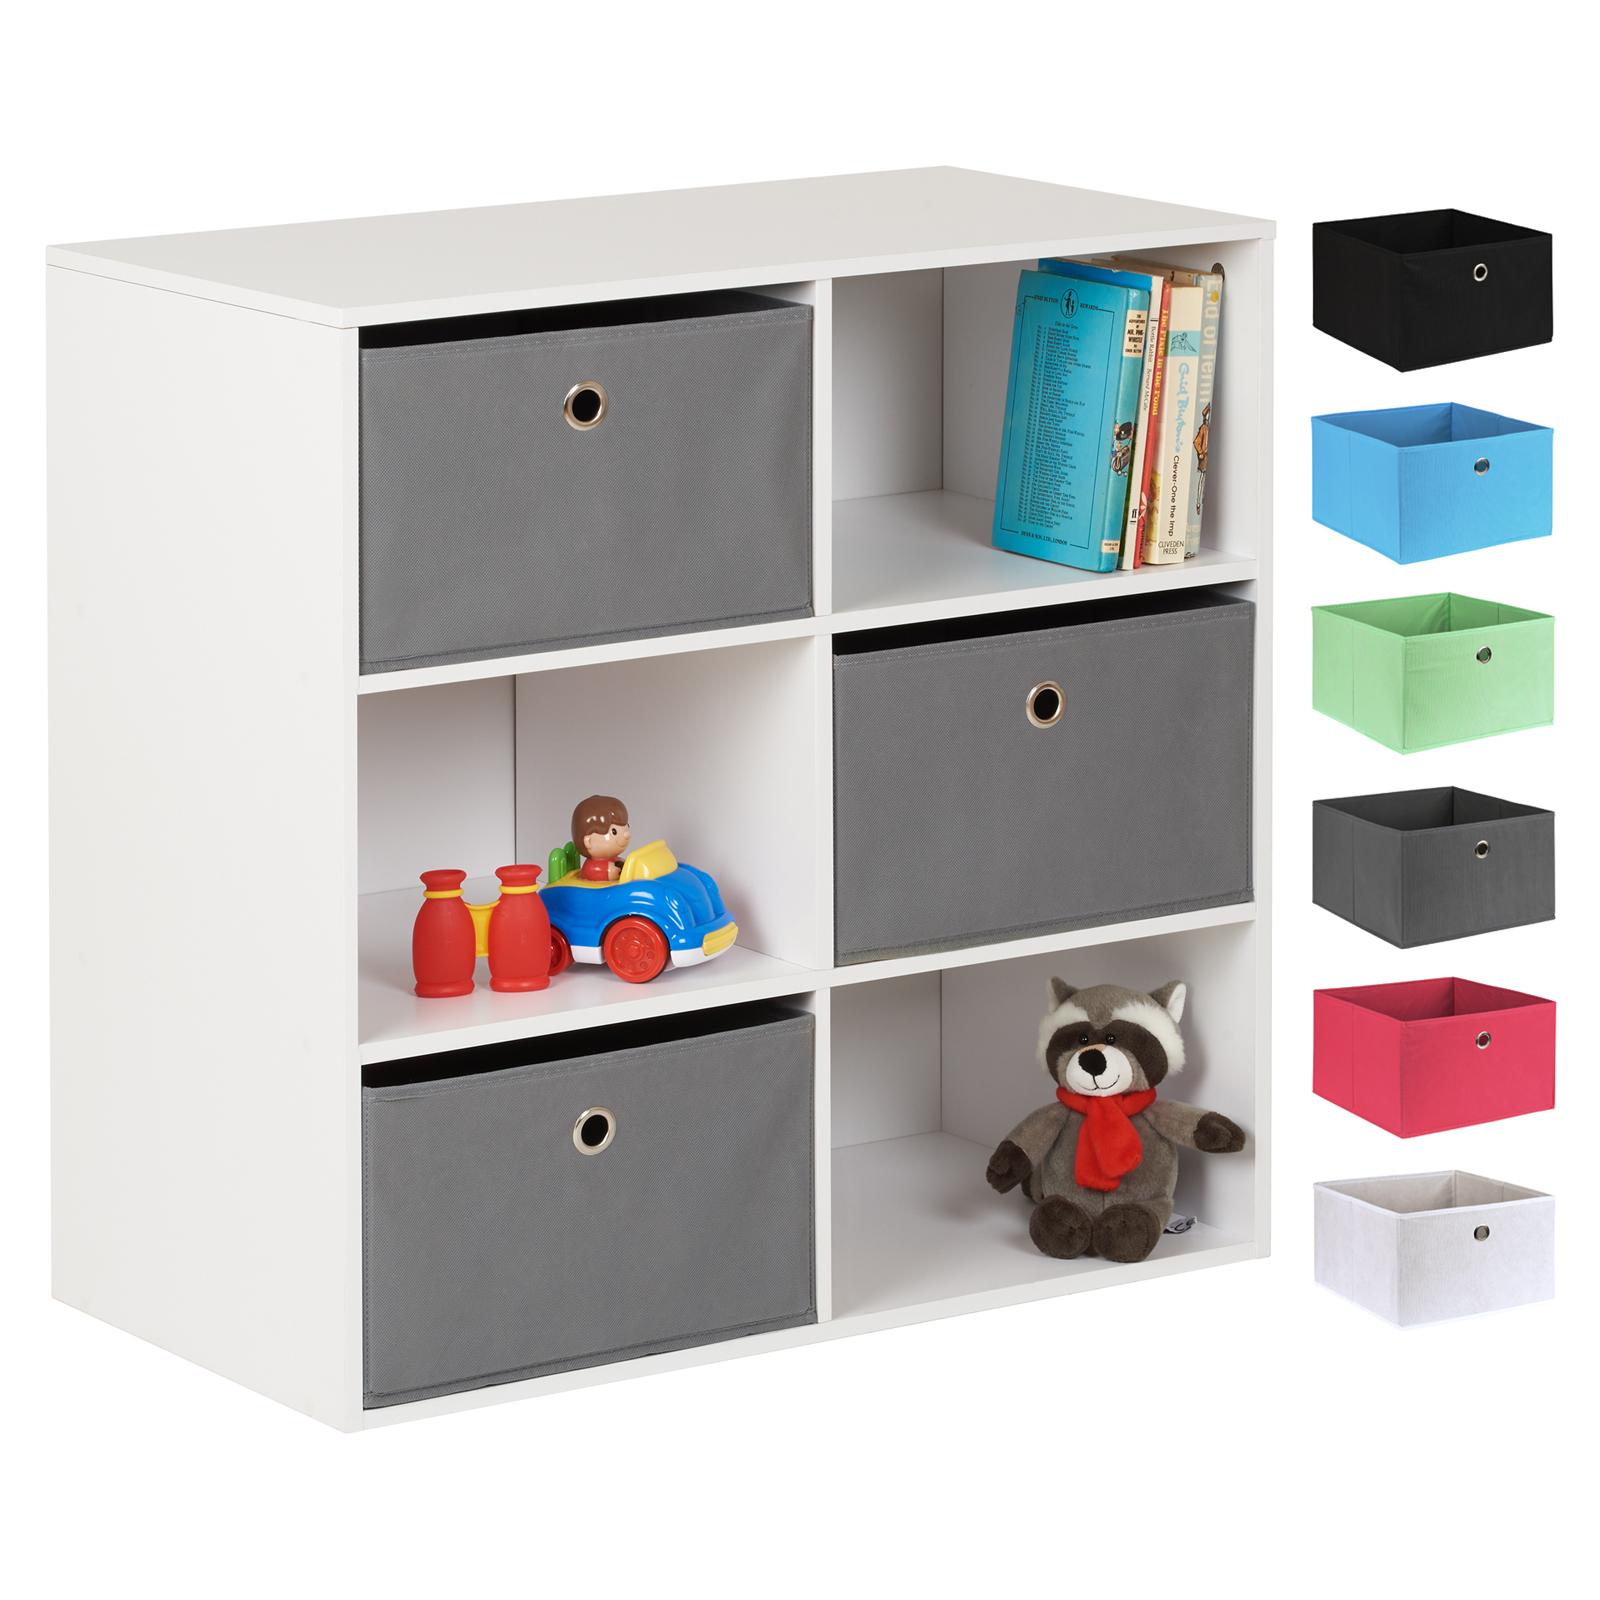 Jeux De Rangement De La Chambre détails sur hartleys blanc 6 cube enfants jouet/jeux livre étagère chambre  meuble de rangement & 3 tiroirs- afficher le titre d'origine